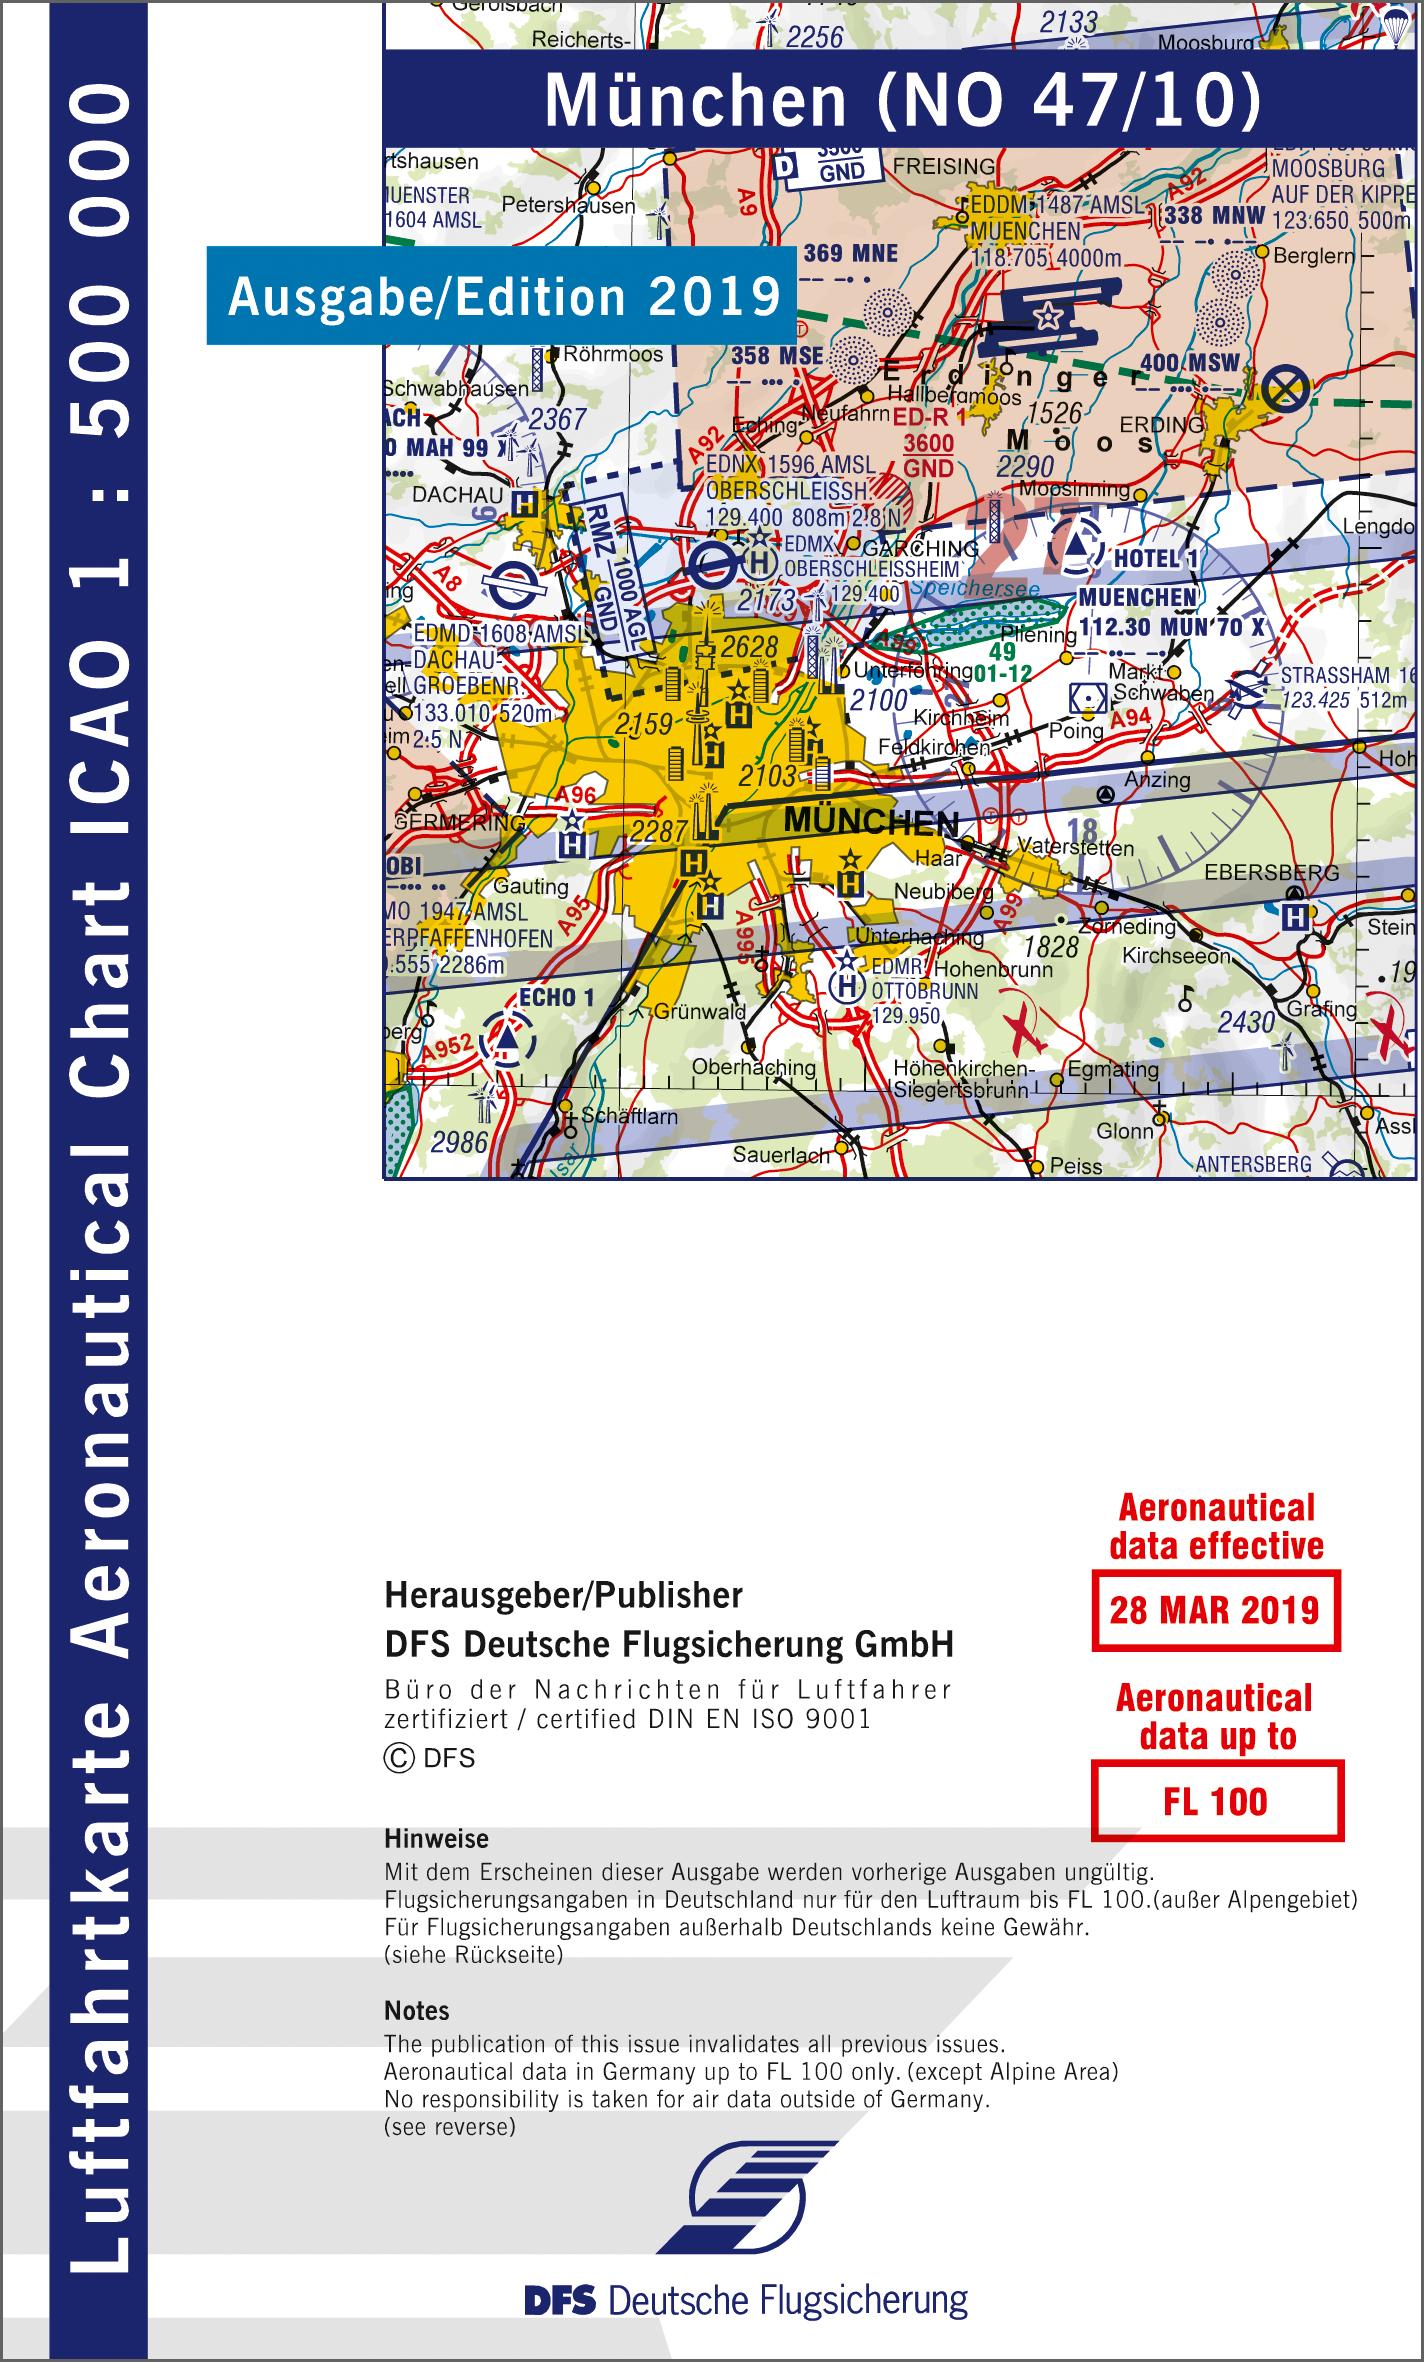 München Karte Deutschland.Icao Karte Blatt München Ausgabe 2019 Motorflug 1 500 000